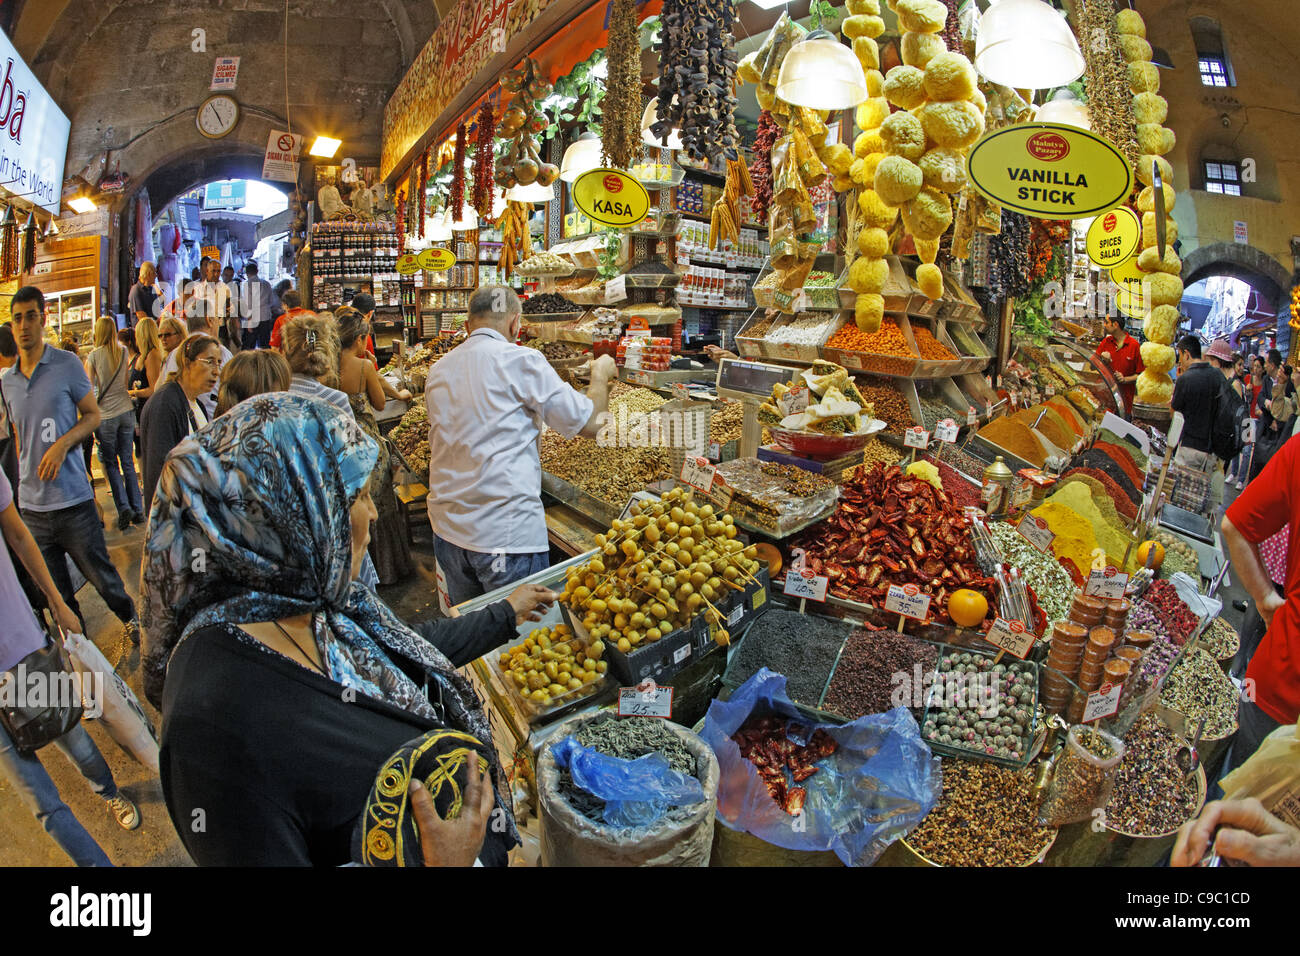 Misir Carsisi, Gewürzmarkt, Interieur, Istanbul, Türkei, Europa, Stockbild